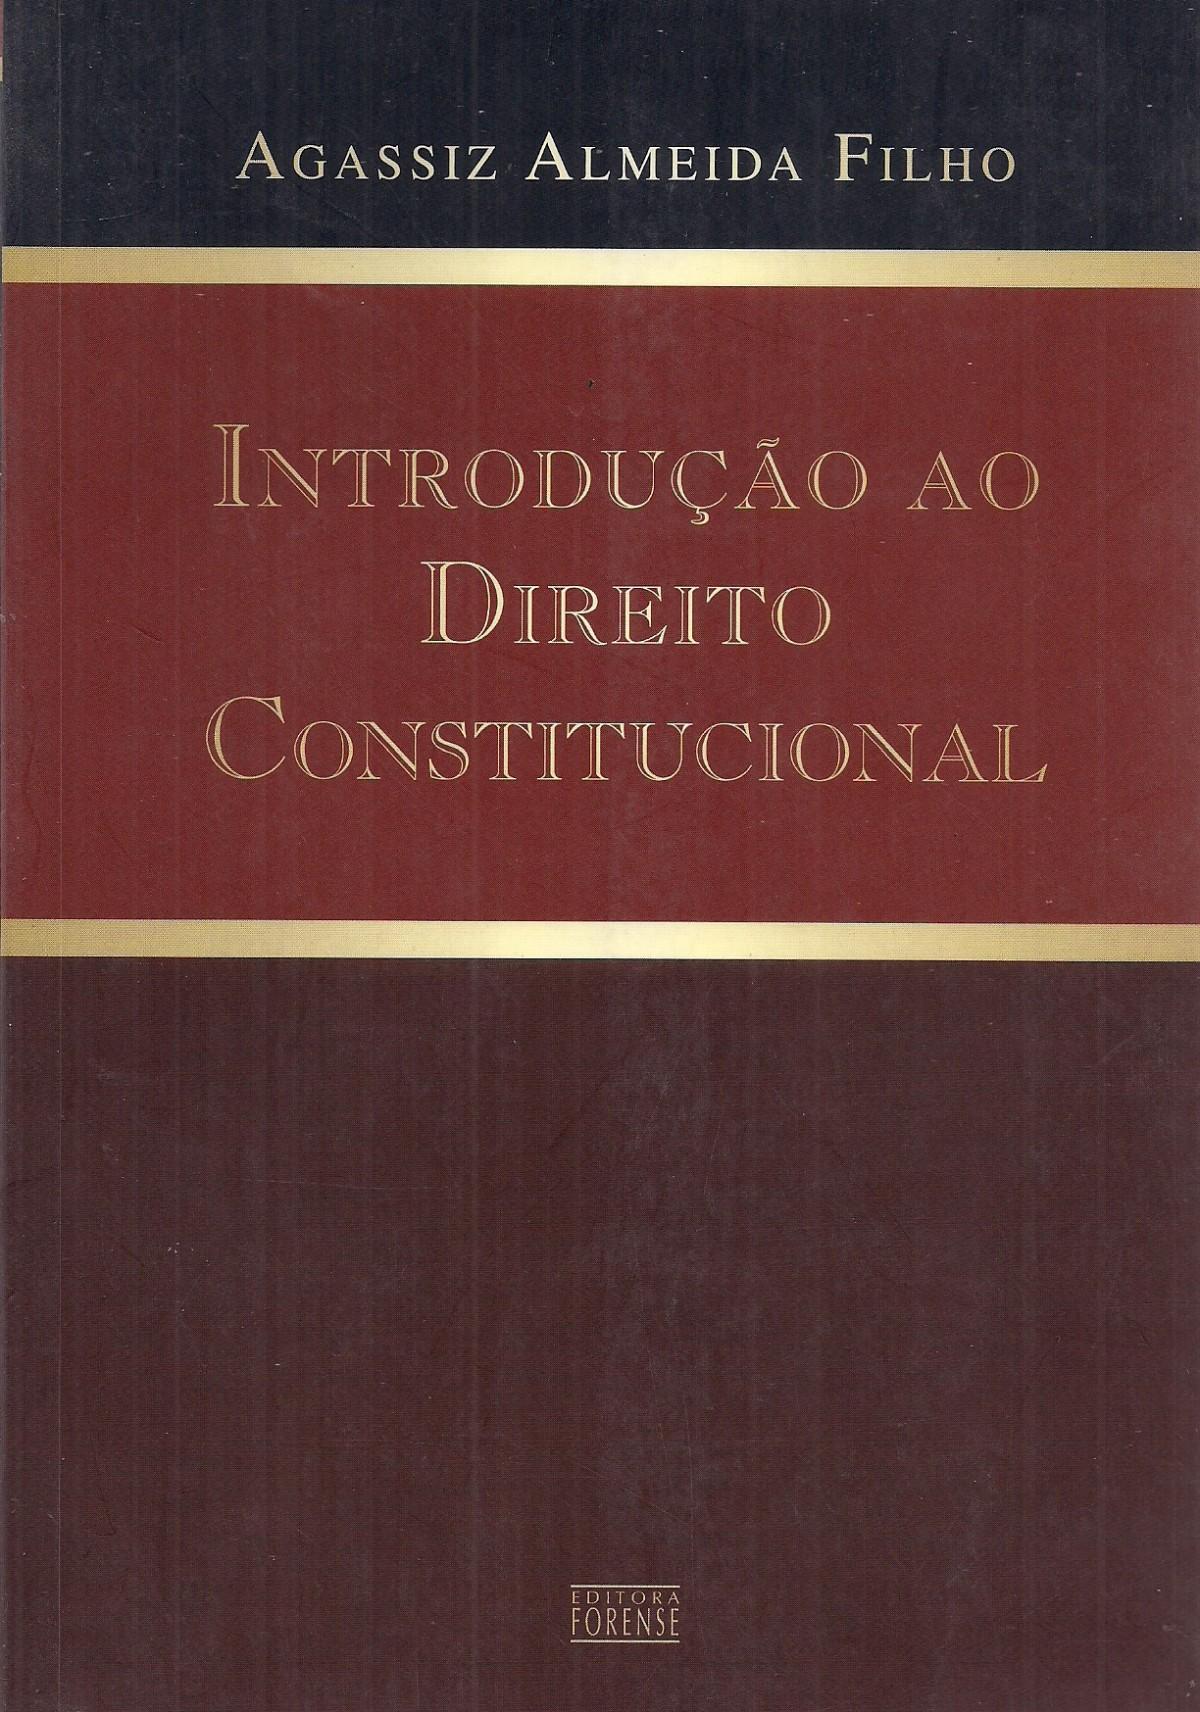 Foto 1 - Introdução ao Direito Constitucional